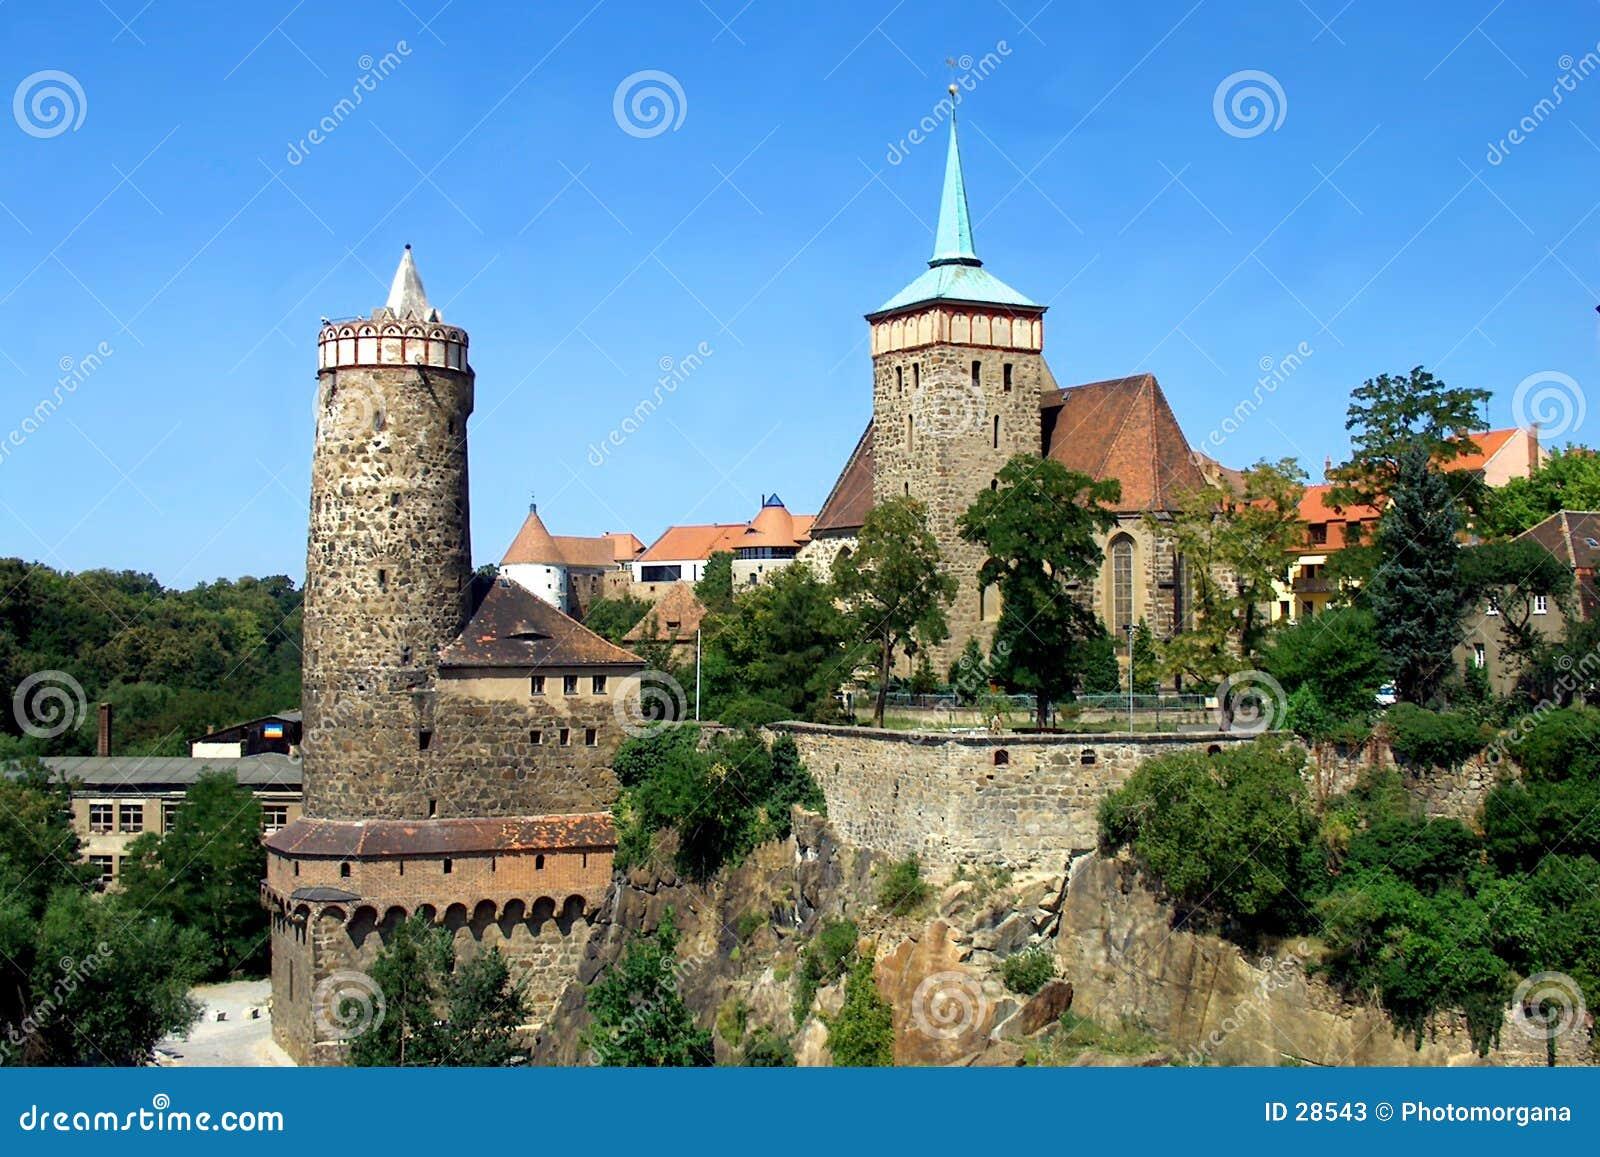 Download Bautzen - Alemania imagen de archivo. Imagen de ciudad, medio - 28543